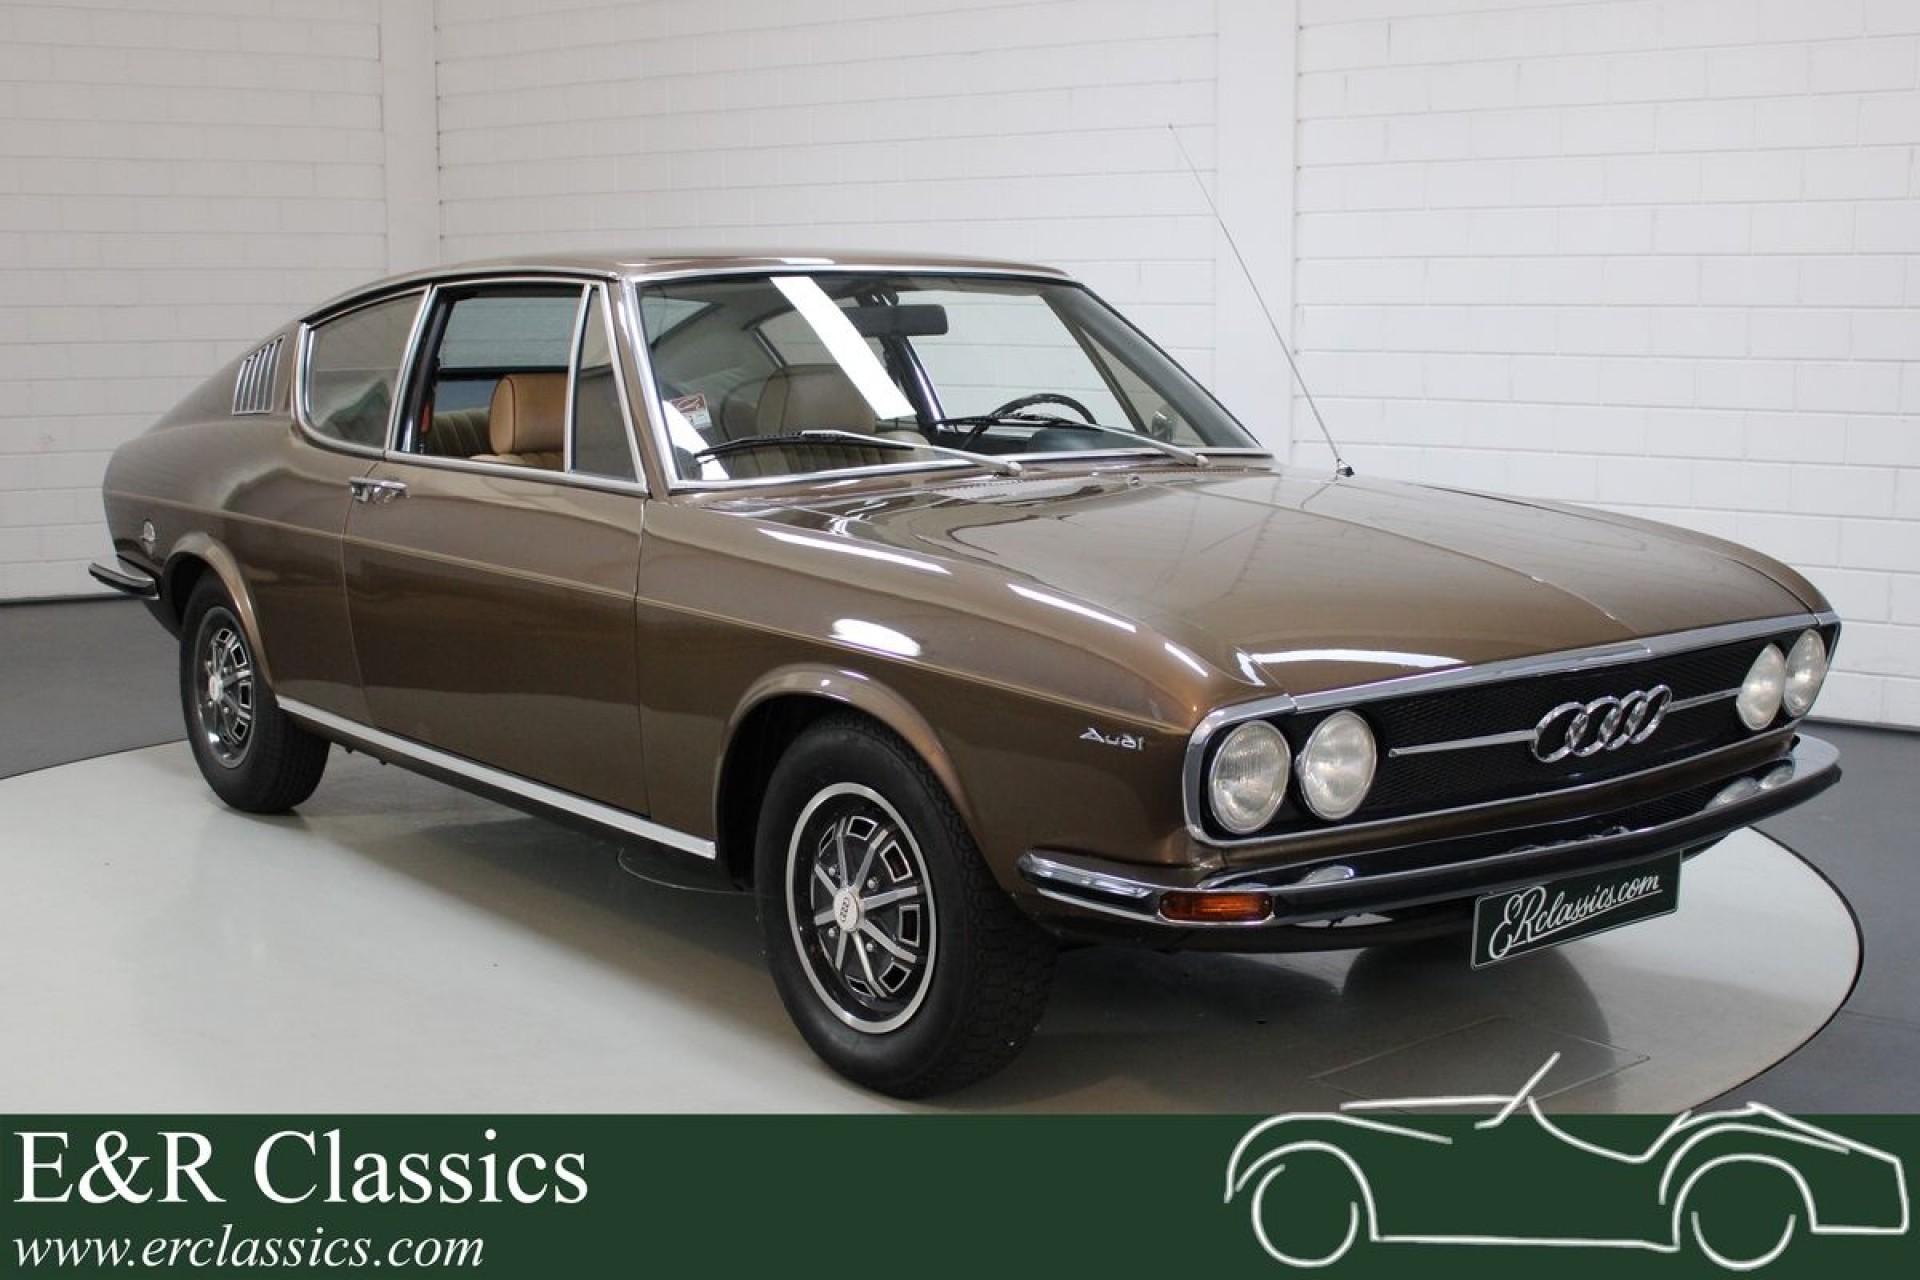 Audi 100 Coupé S très bon état 1973 à vendre chez ERclassics